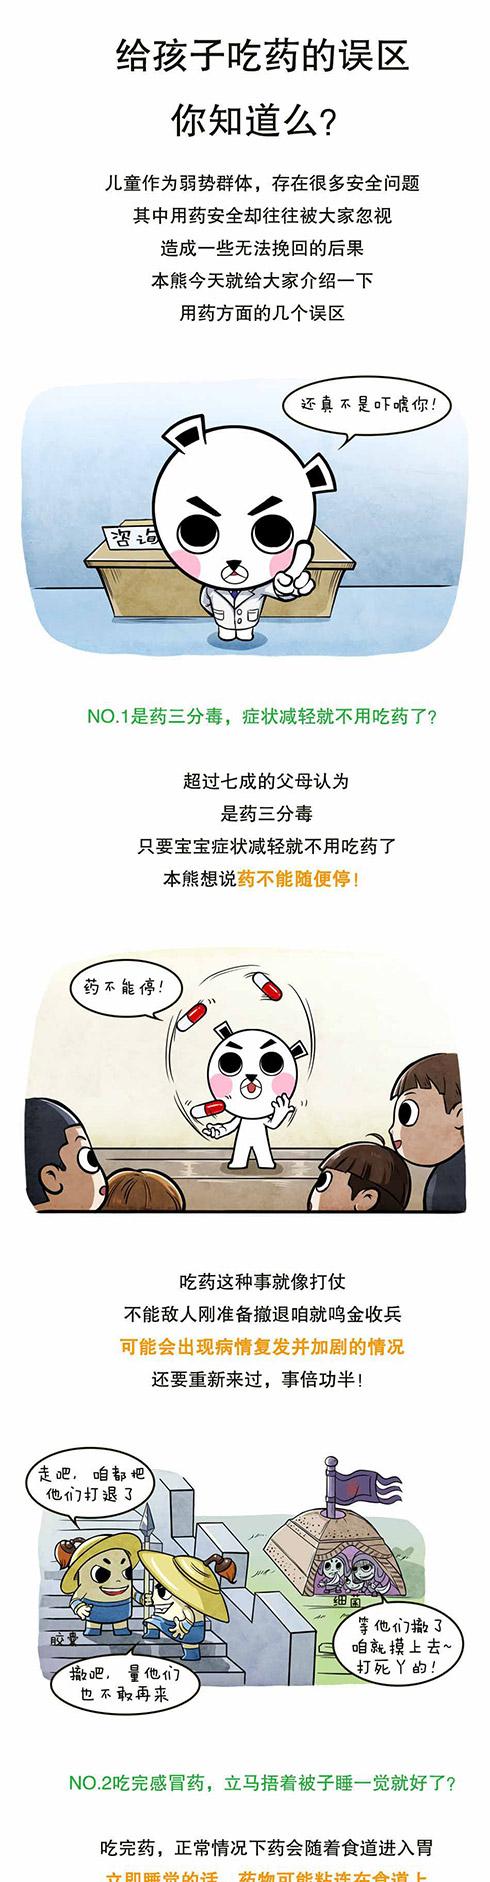 yongyaoanquan_01